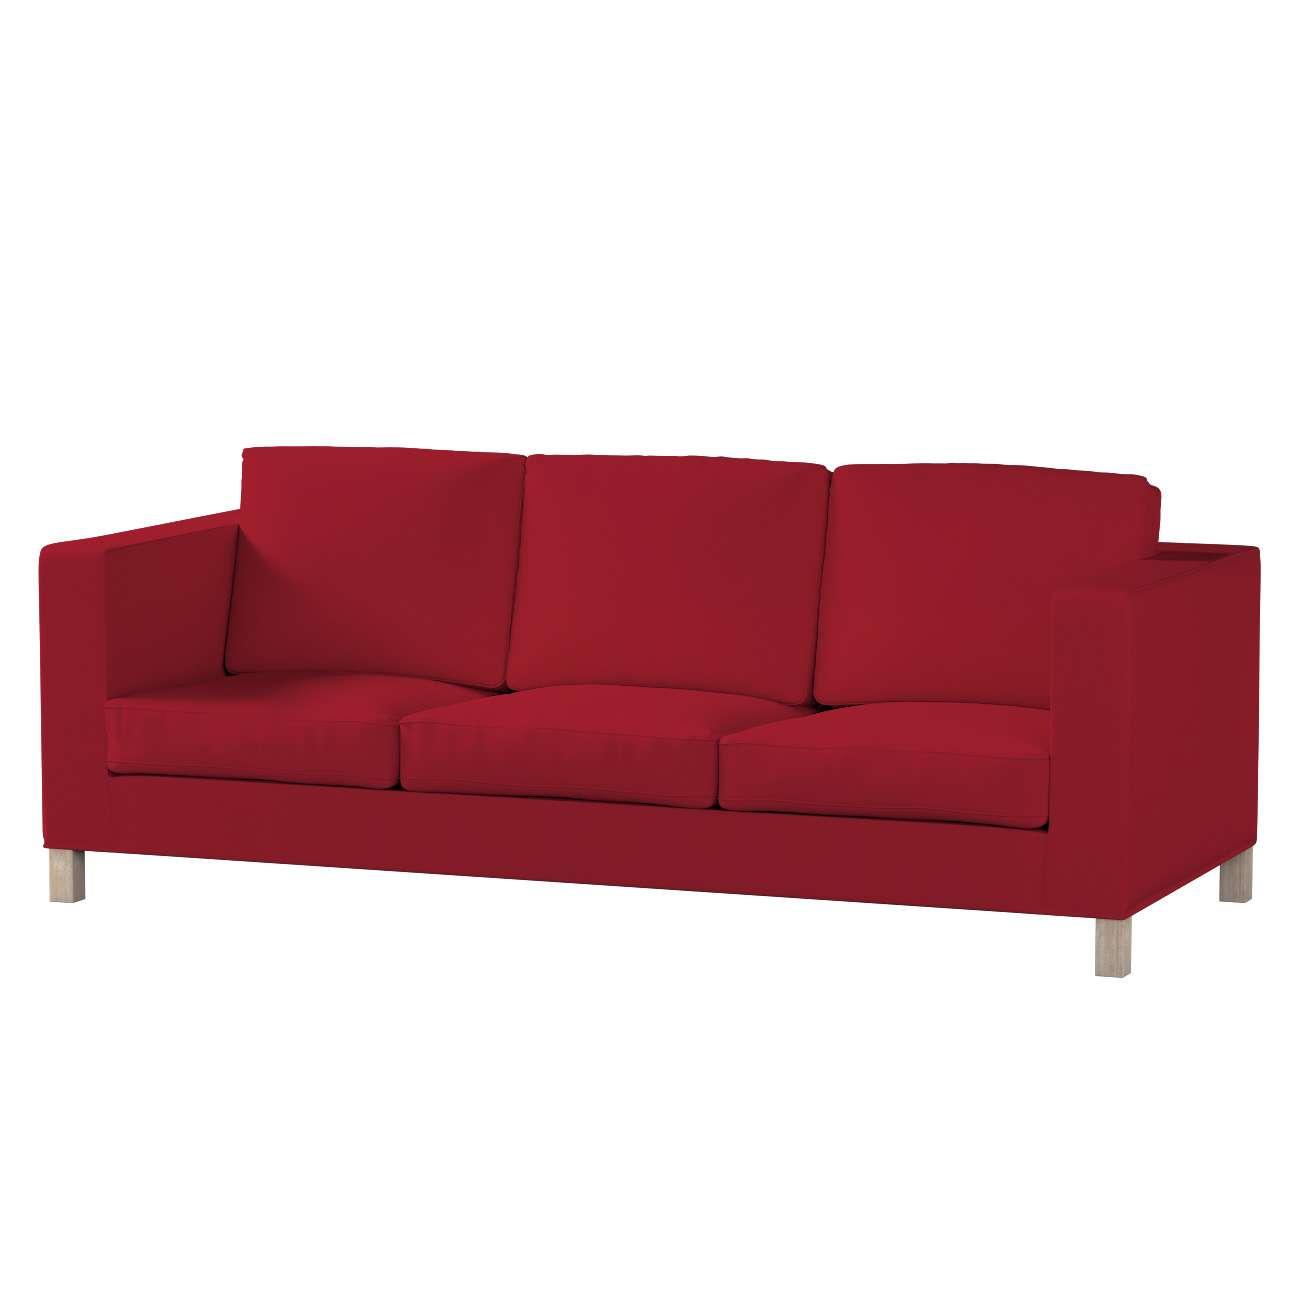 KARLANDA trivietės sofos užvalkalas KARLANDA trivietės sofos užvalkalas kolekcijoje Chenille, audinys: 702-24